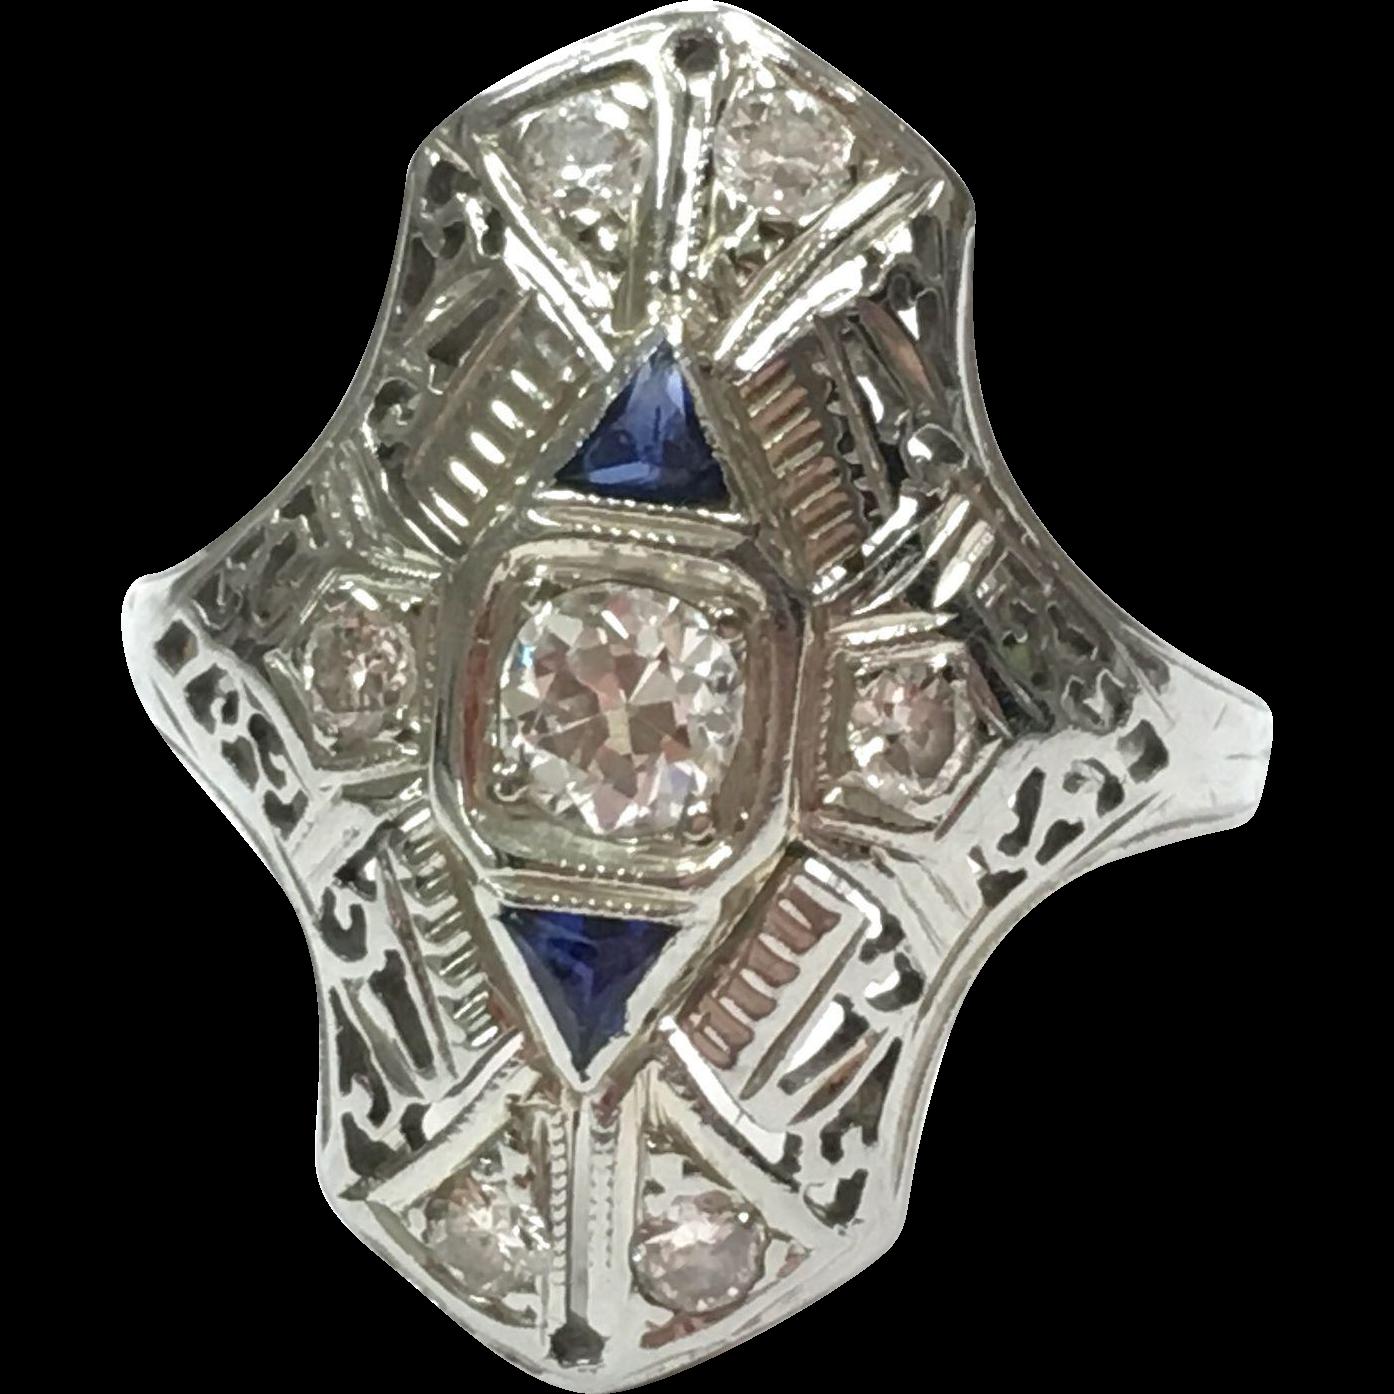 Art Deco 1920s 18K White Gold Diamond and Sapphire Filigree Dinner Ring